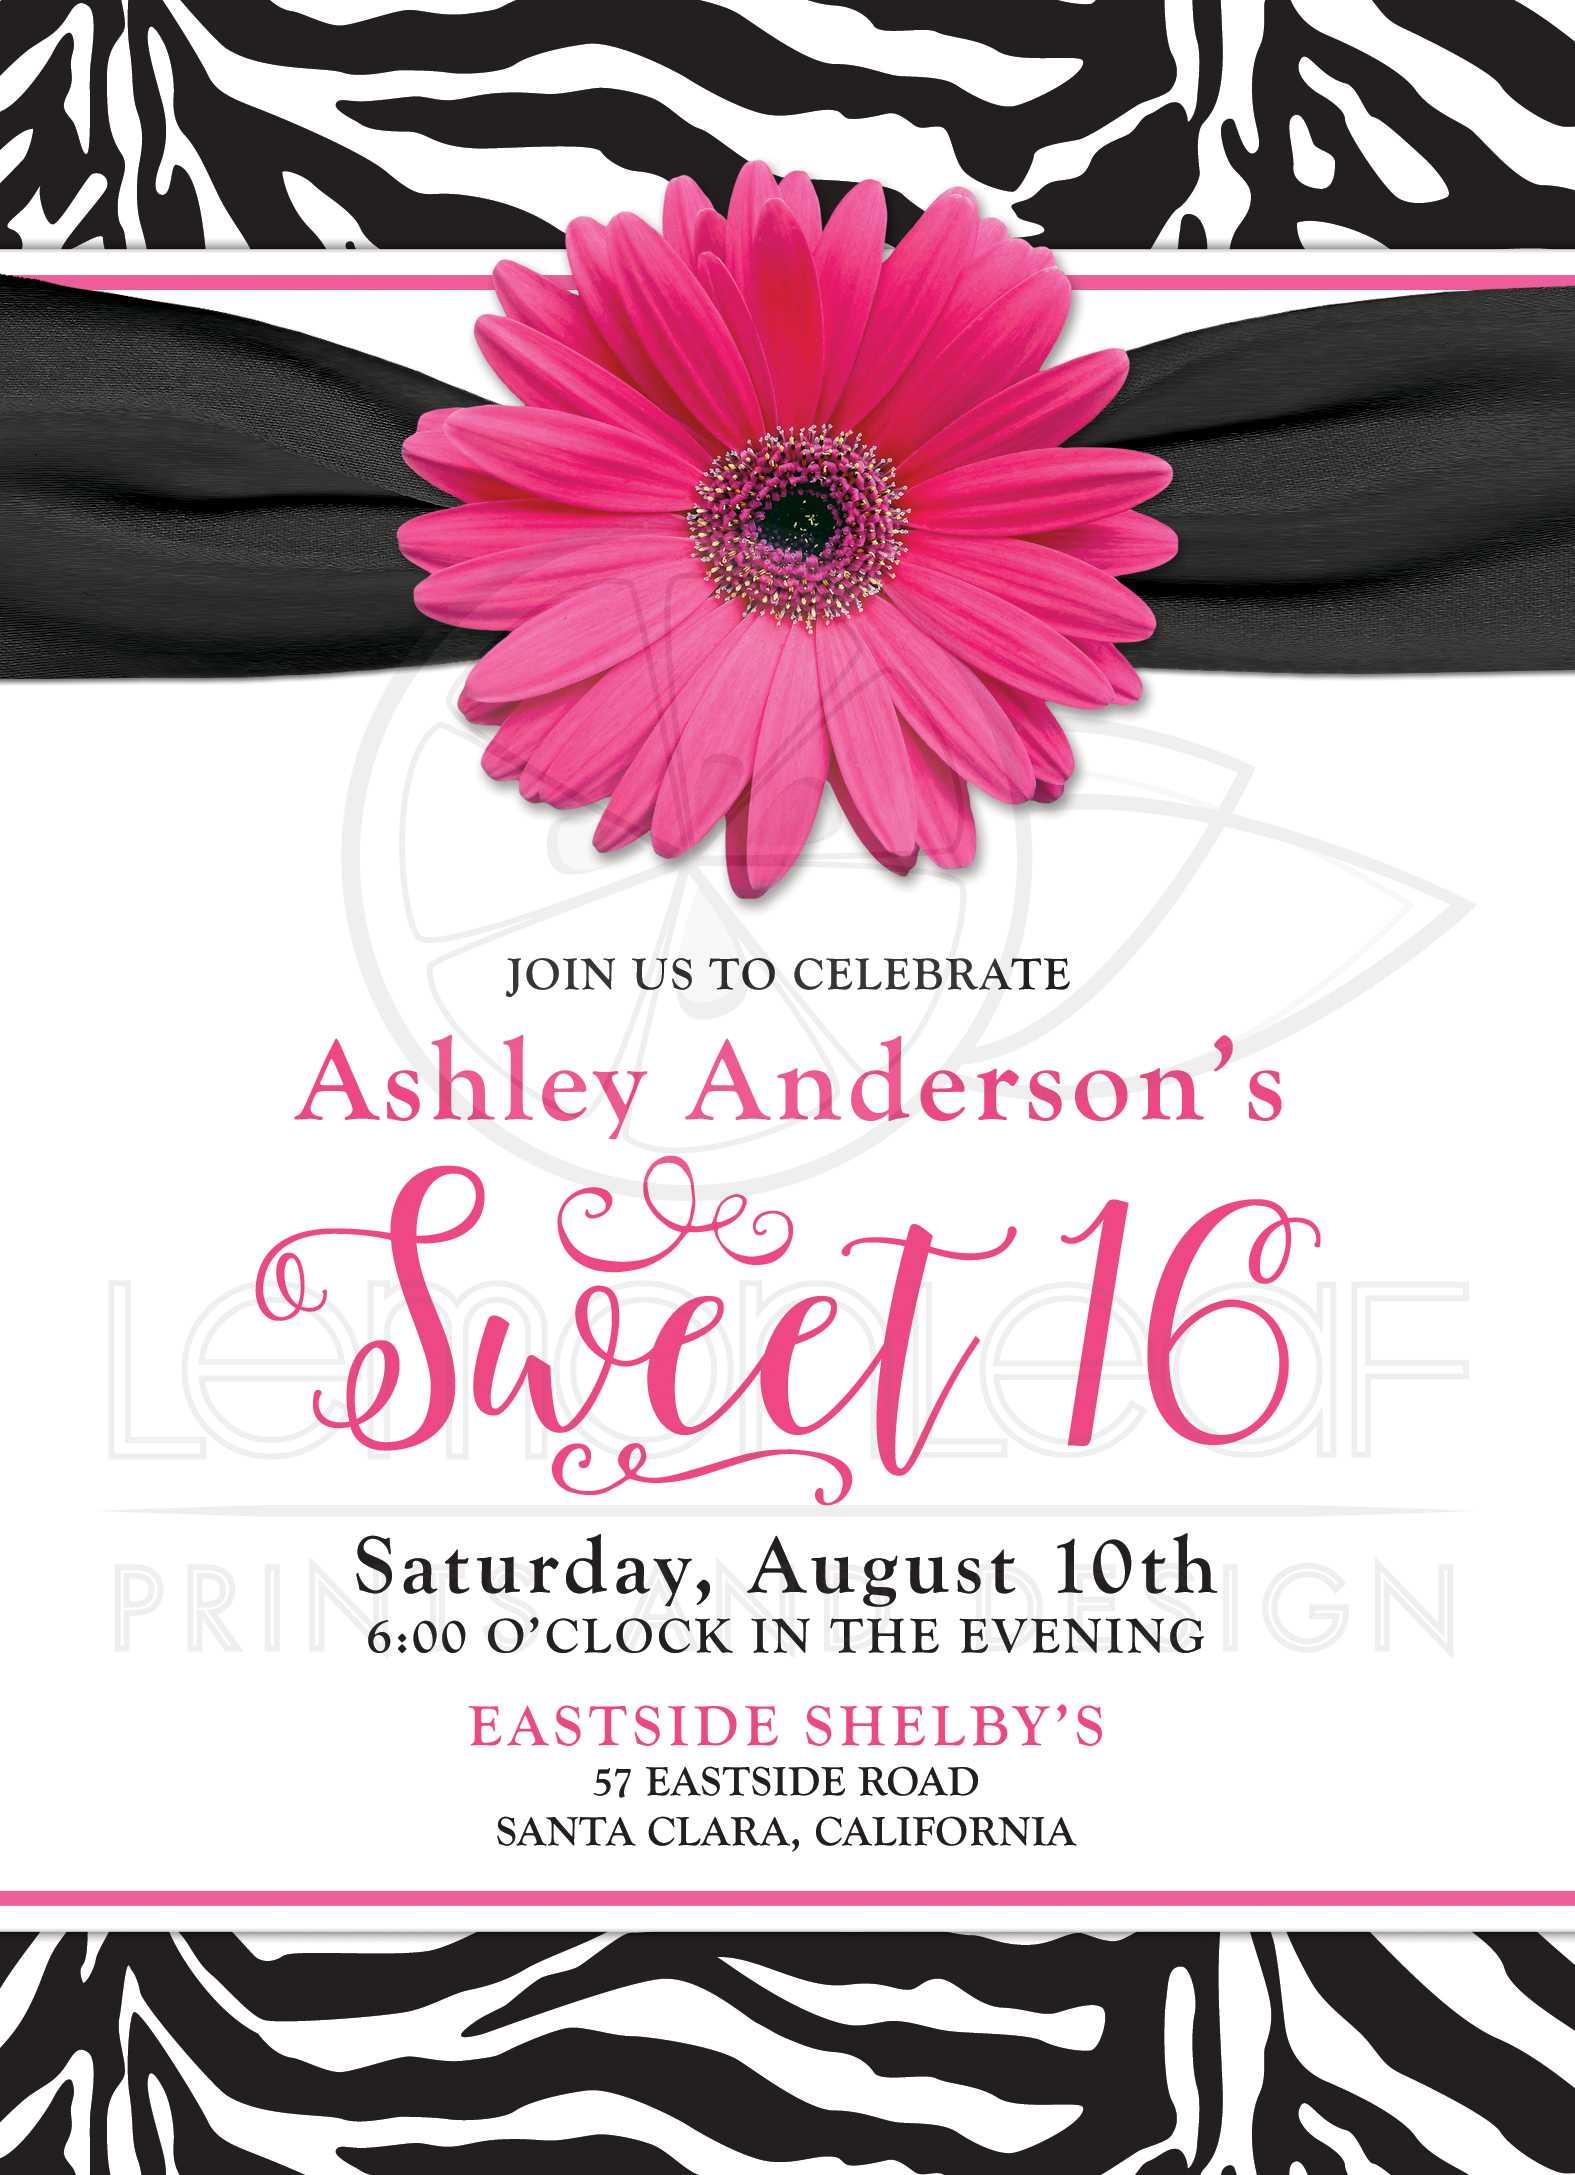 Chic Sweet 16 Birthday Invitation | Hot Pink Daisy Black White Zebra ...